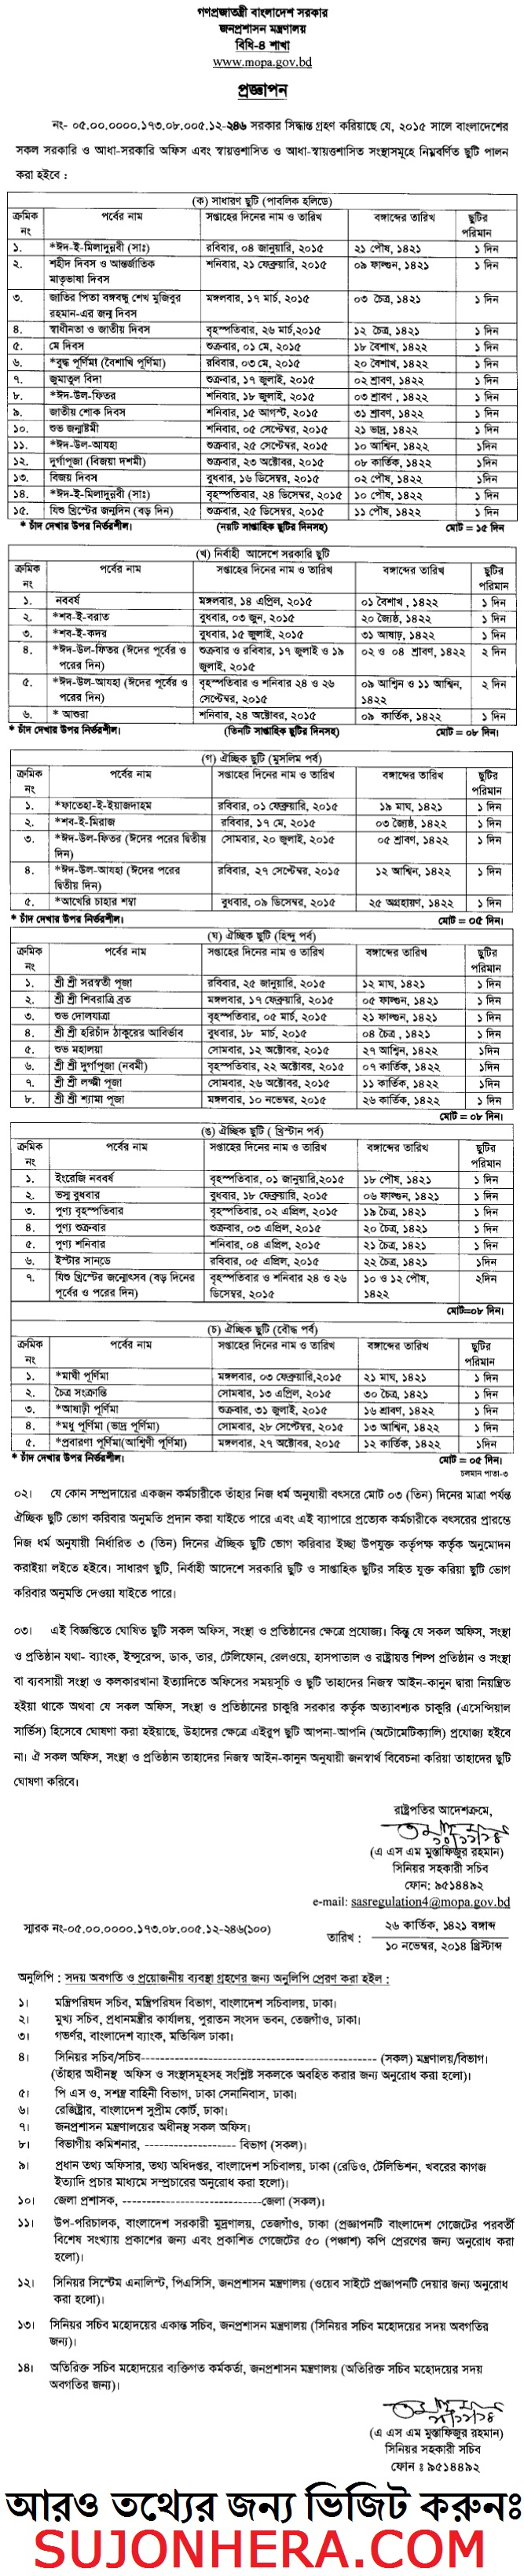 Calendar 2015 Bangladesh Government Public Holiday